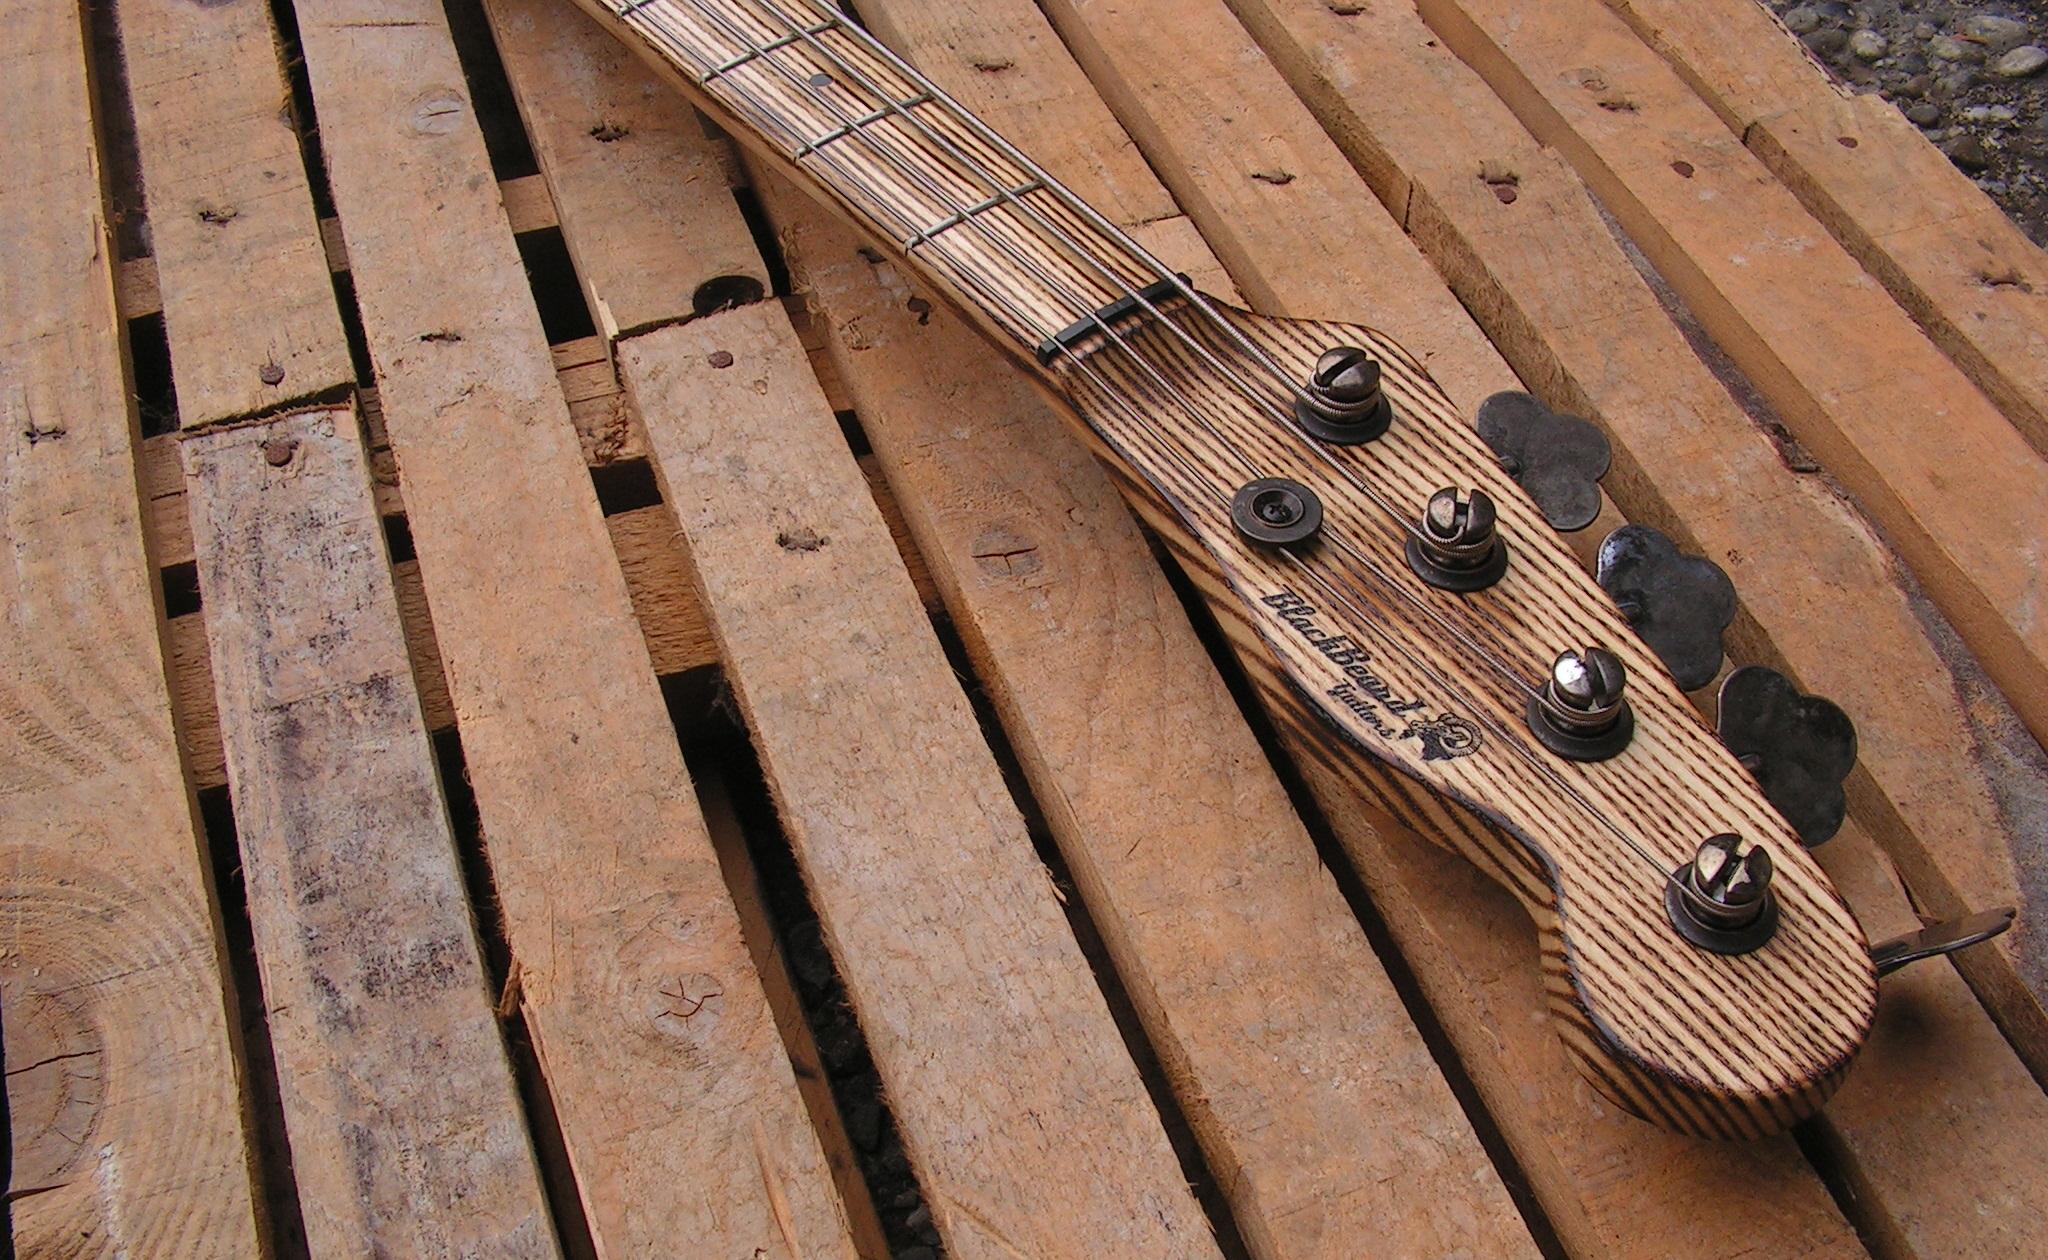 basso Precision 51 in pino tasti manico